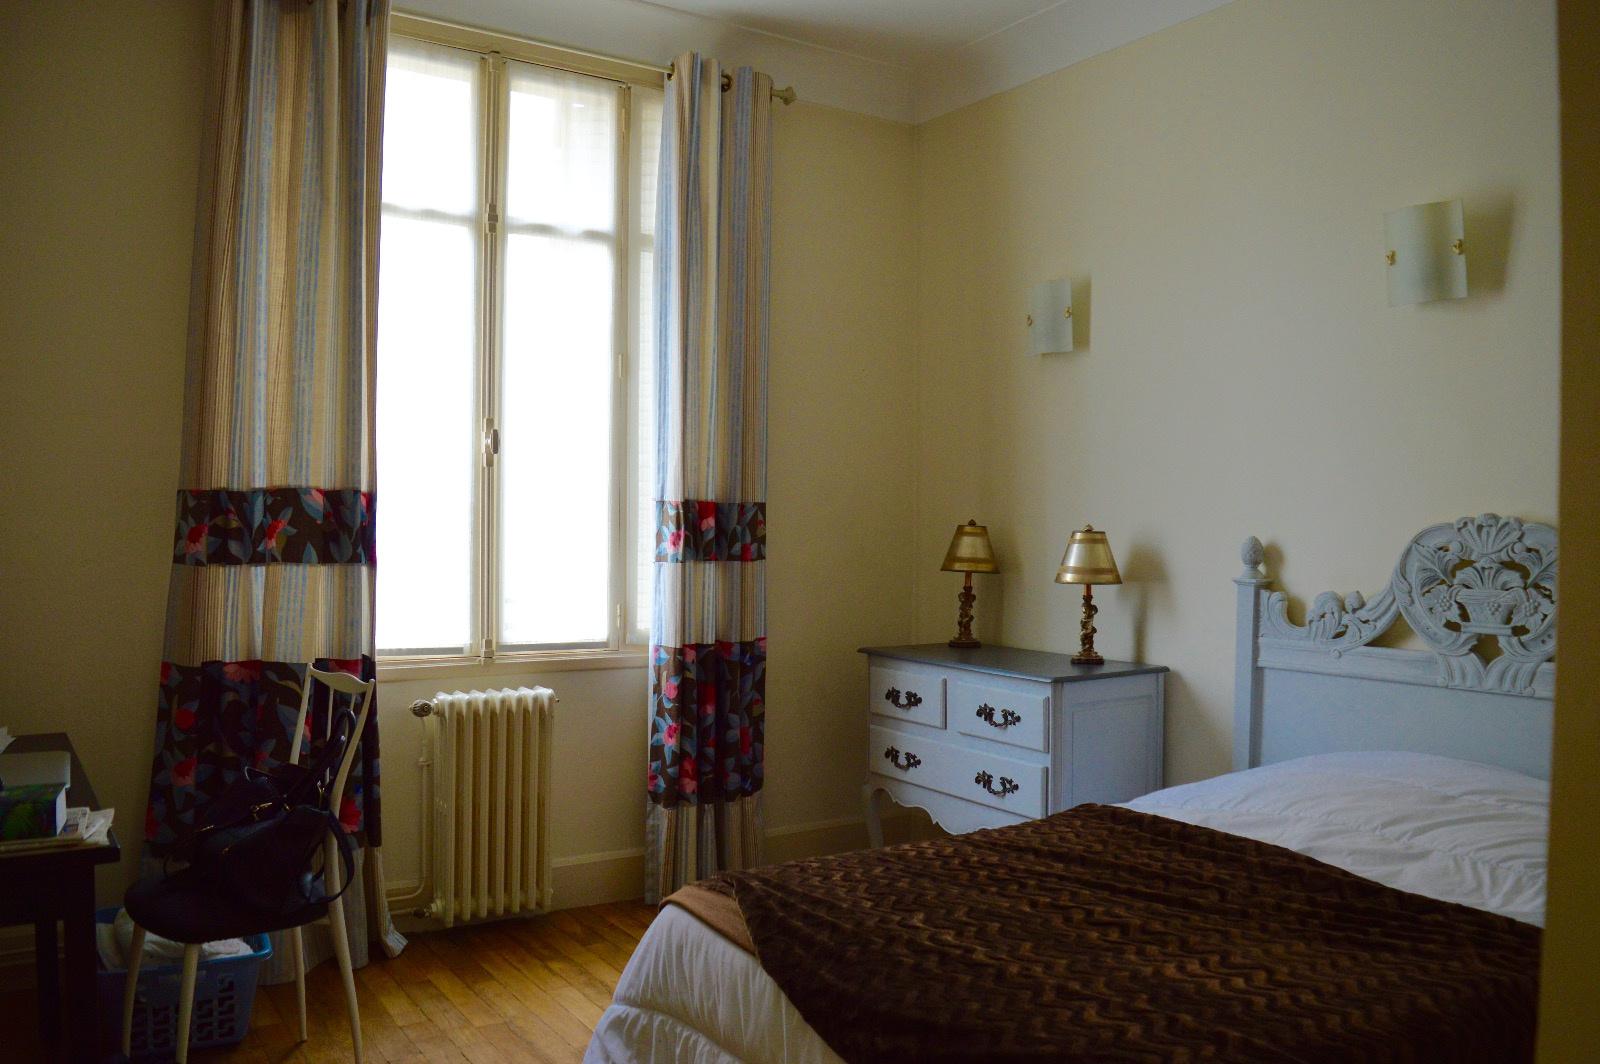 Vente limoges hyper centre coup de coeur pour cet appartement immosmart - Appartement meuble limoges ...